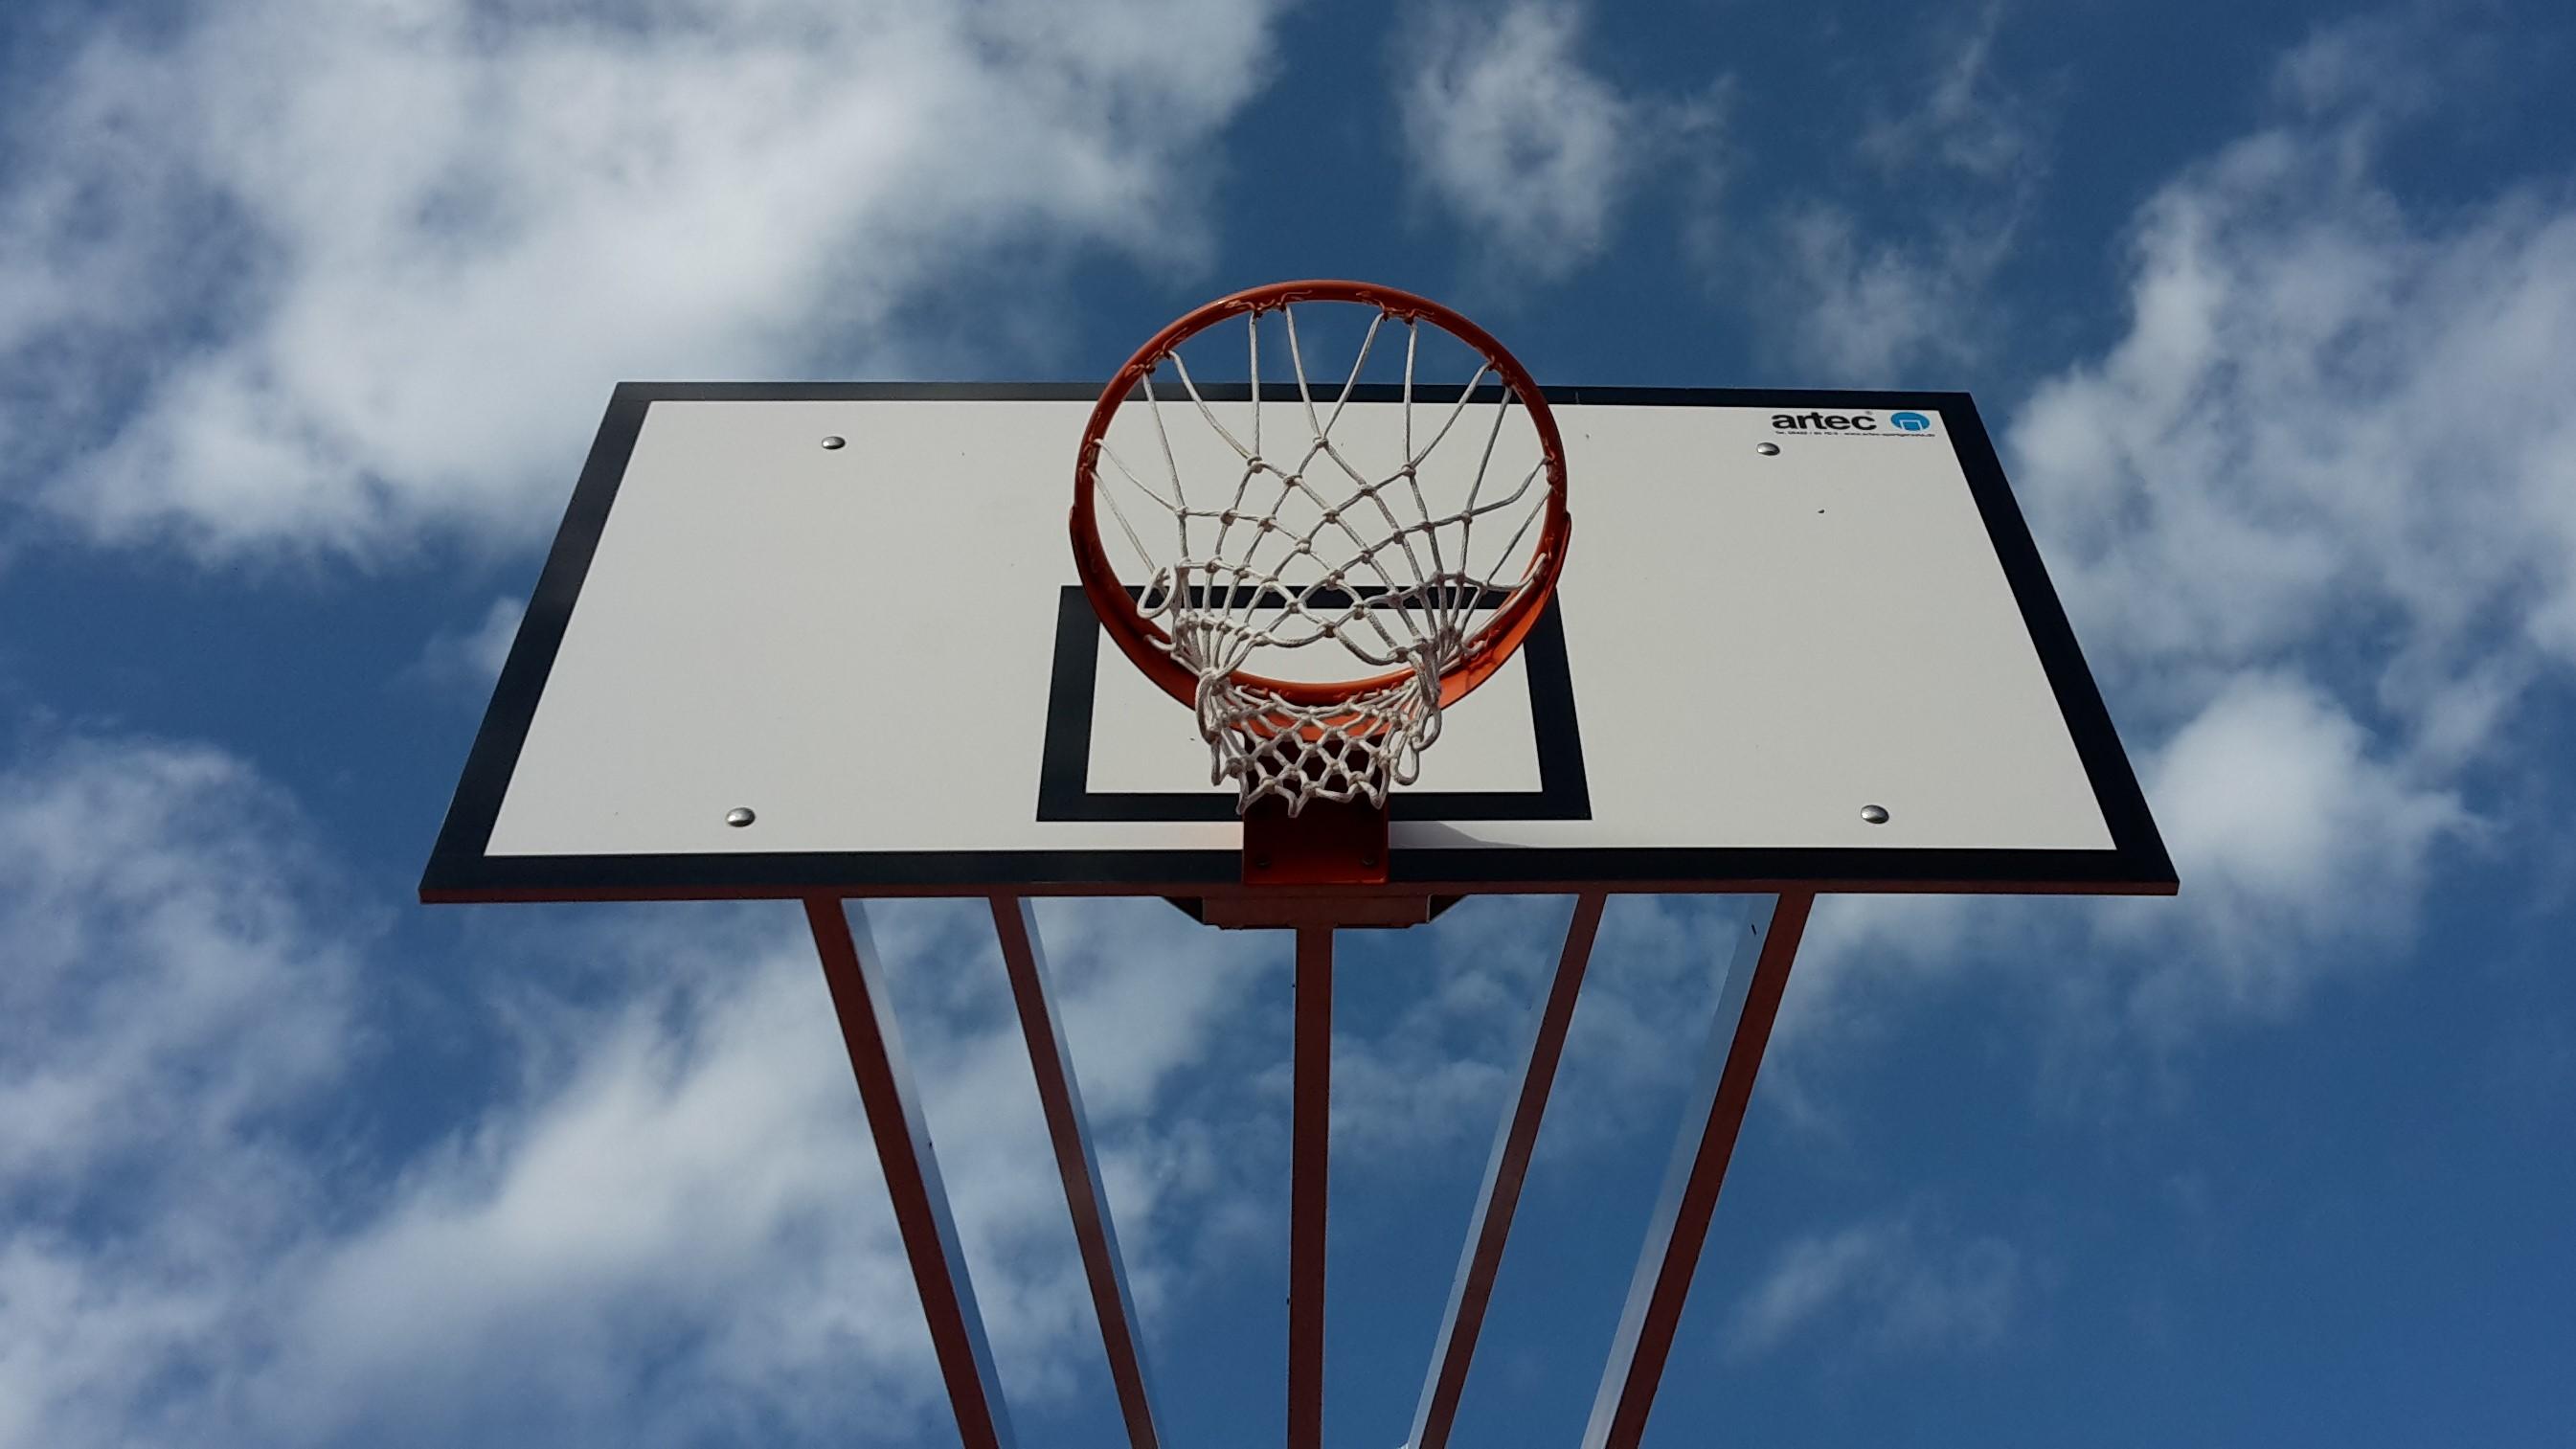 Basketballkorb Basketballanlage von artec